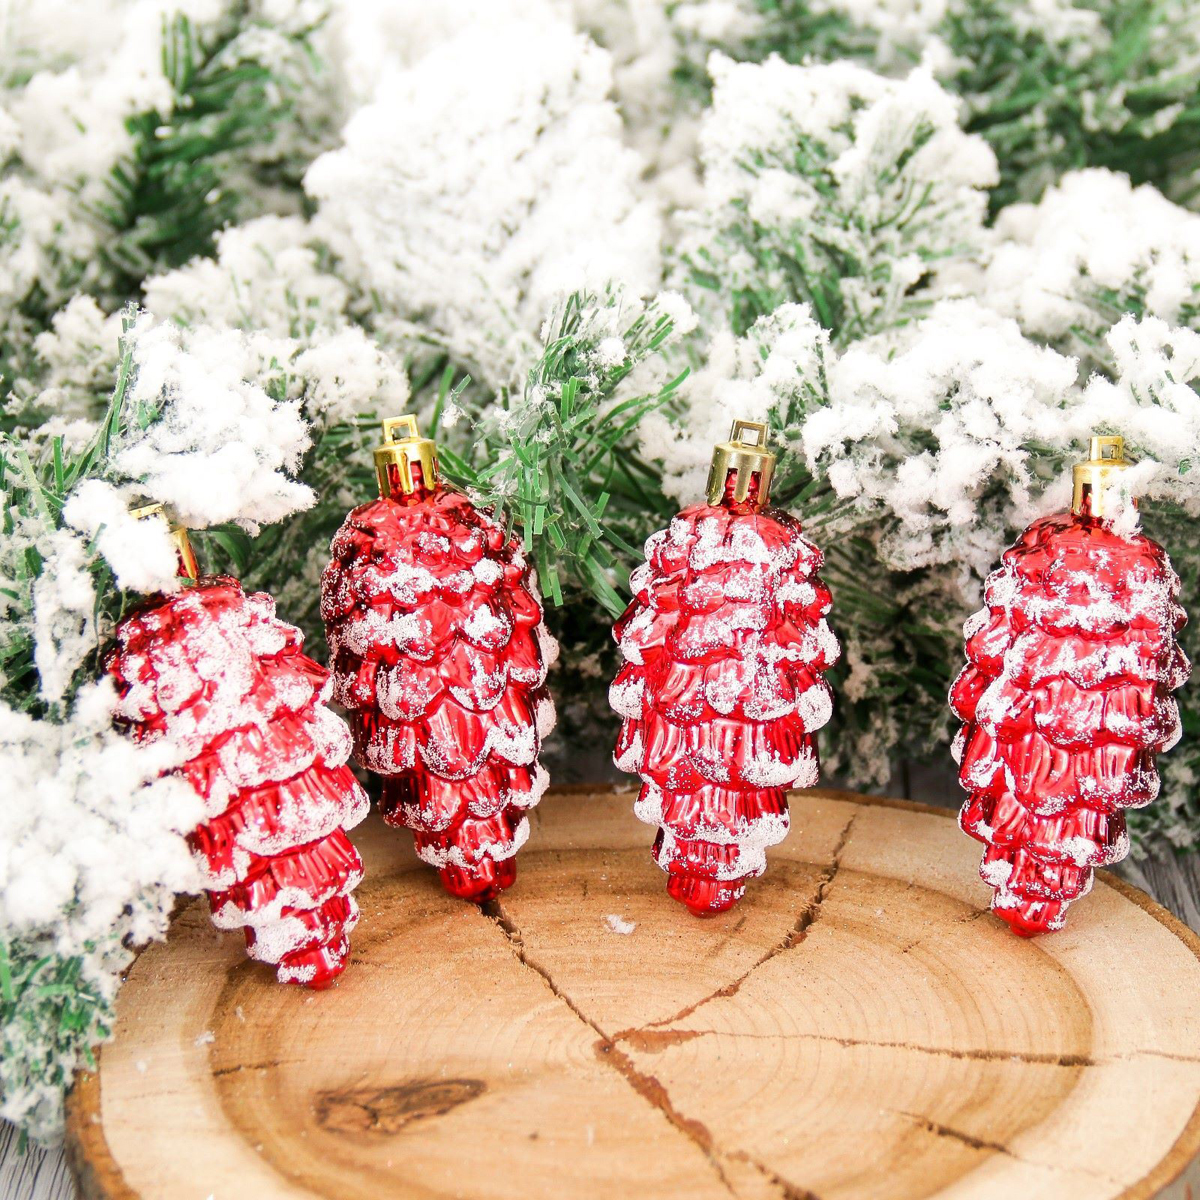 Набор новогодних подвесных украшений Шишки. Снег, высота 9 см, 4 шт2155324Набор новогодних подвесных украшений отлично подойдет для декорации вашего дома и новогодней ели. С помощью специальной петельки украшение можно повесить в любом понравившемся вам месте. Но, конечно, удачнее всего оно будет смотреться на праздничной елке.Елочная игрушка - символ Нового года. Она несет в себе волшебство и красоту праздника. Такое украшение создаст в вашем доме атмосферу праздника, веселья и радости.